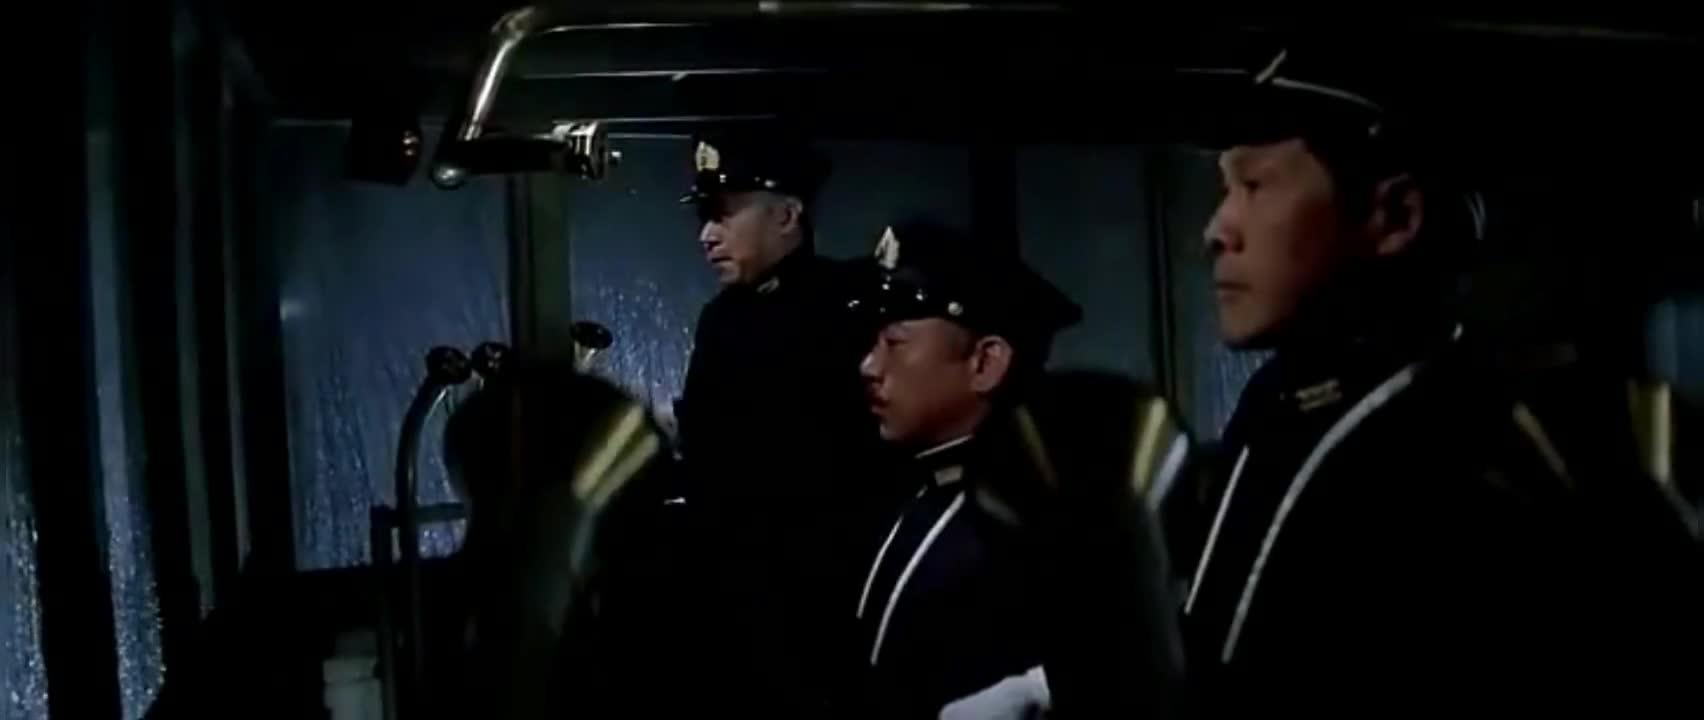 #经典看电影# 美军侦查机发现日本航母编队,一场大战即将来临